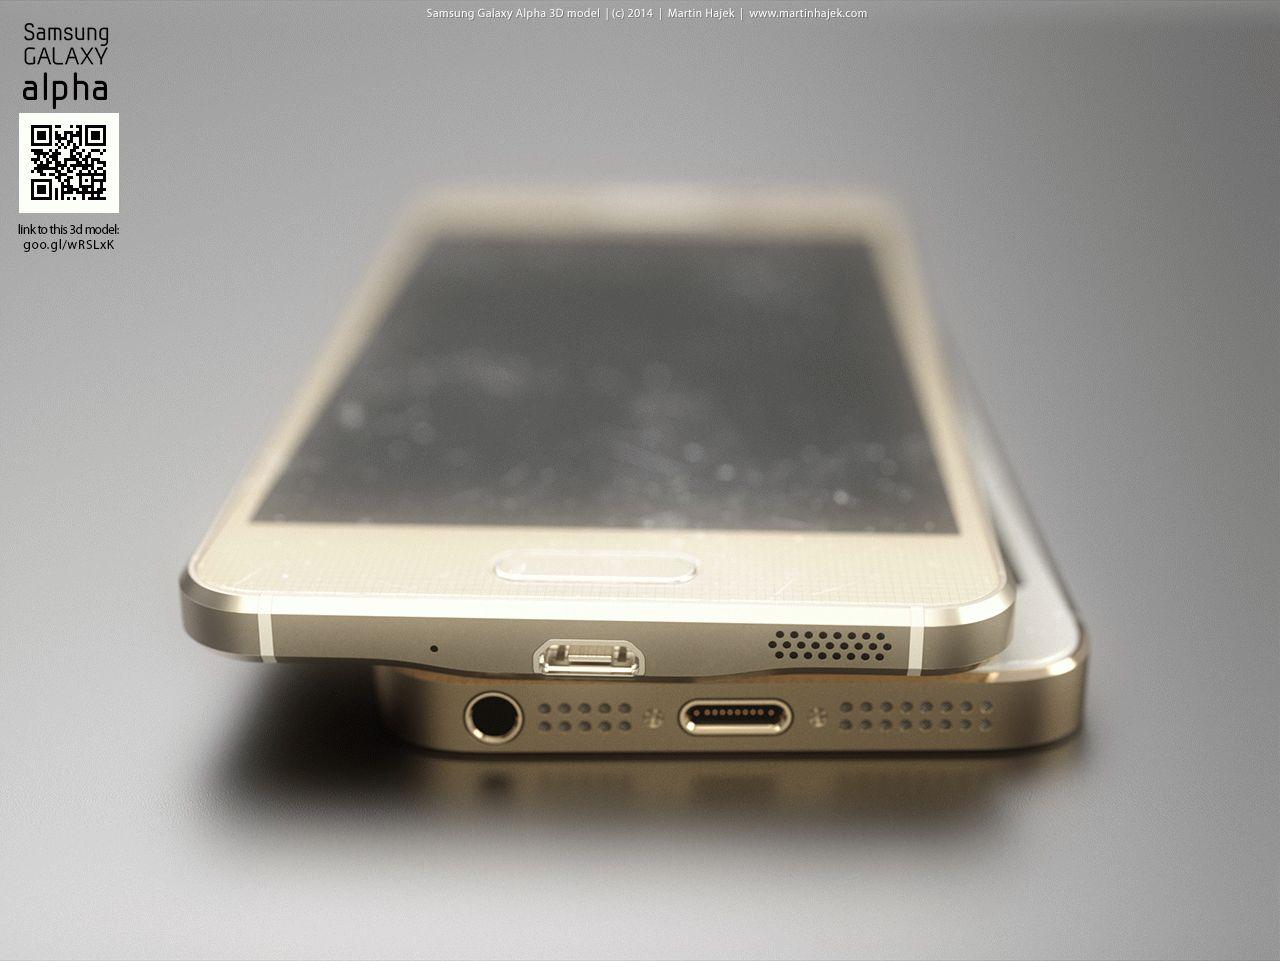 kak-daleko-samsung-zashla-v-kopirovanii-apple-galaxy-alpha-protiv-iphone------